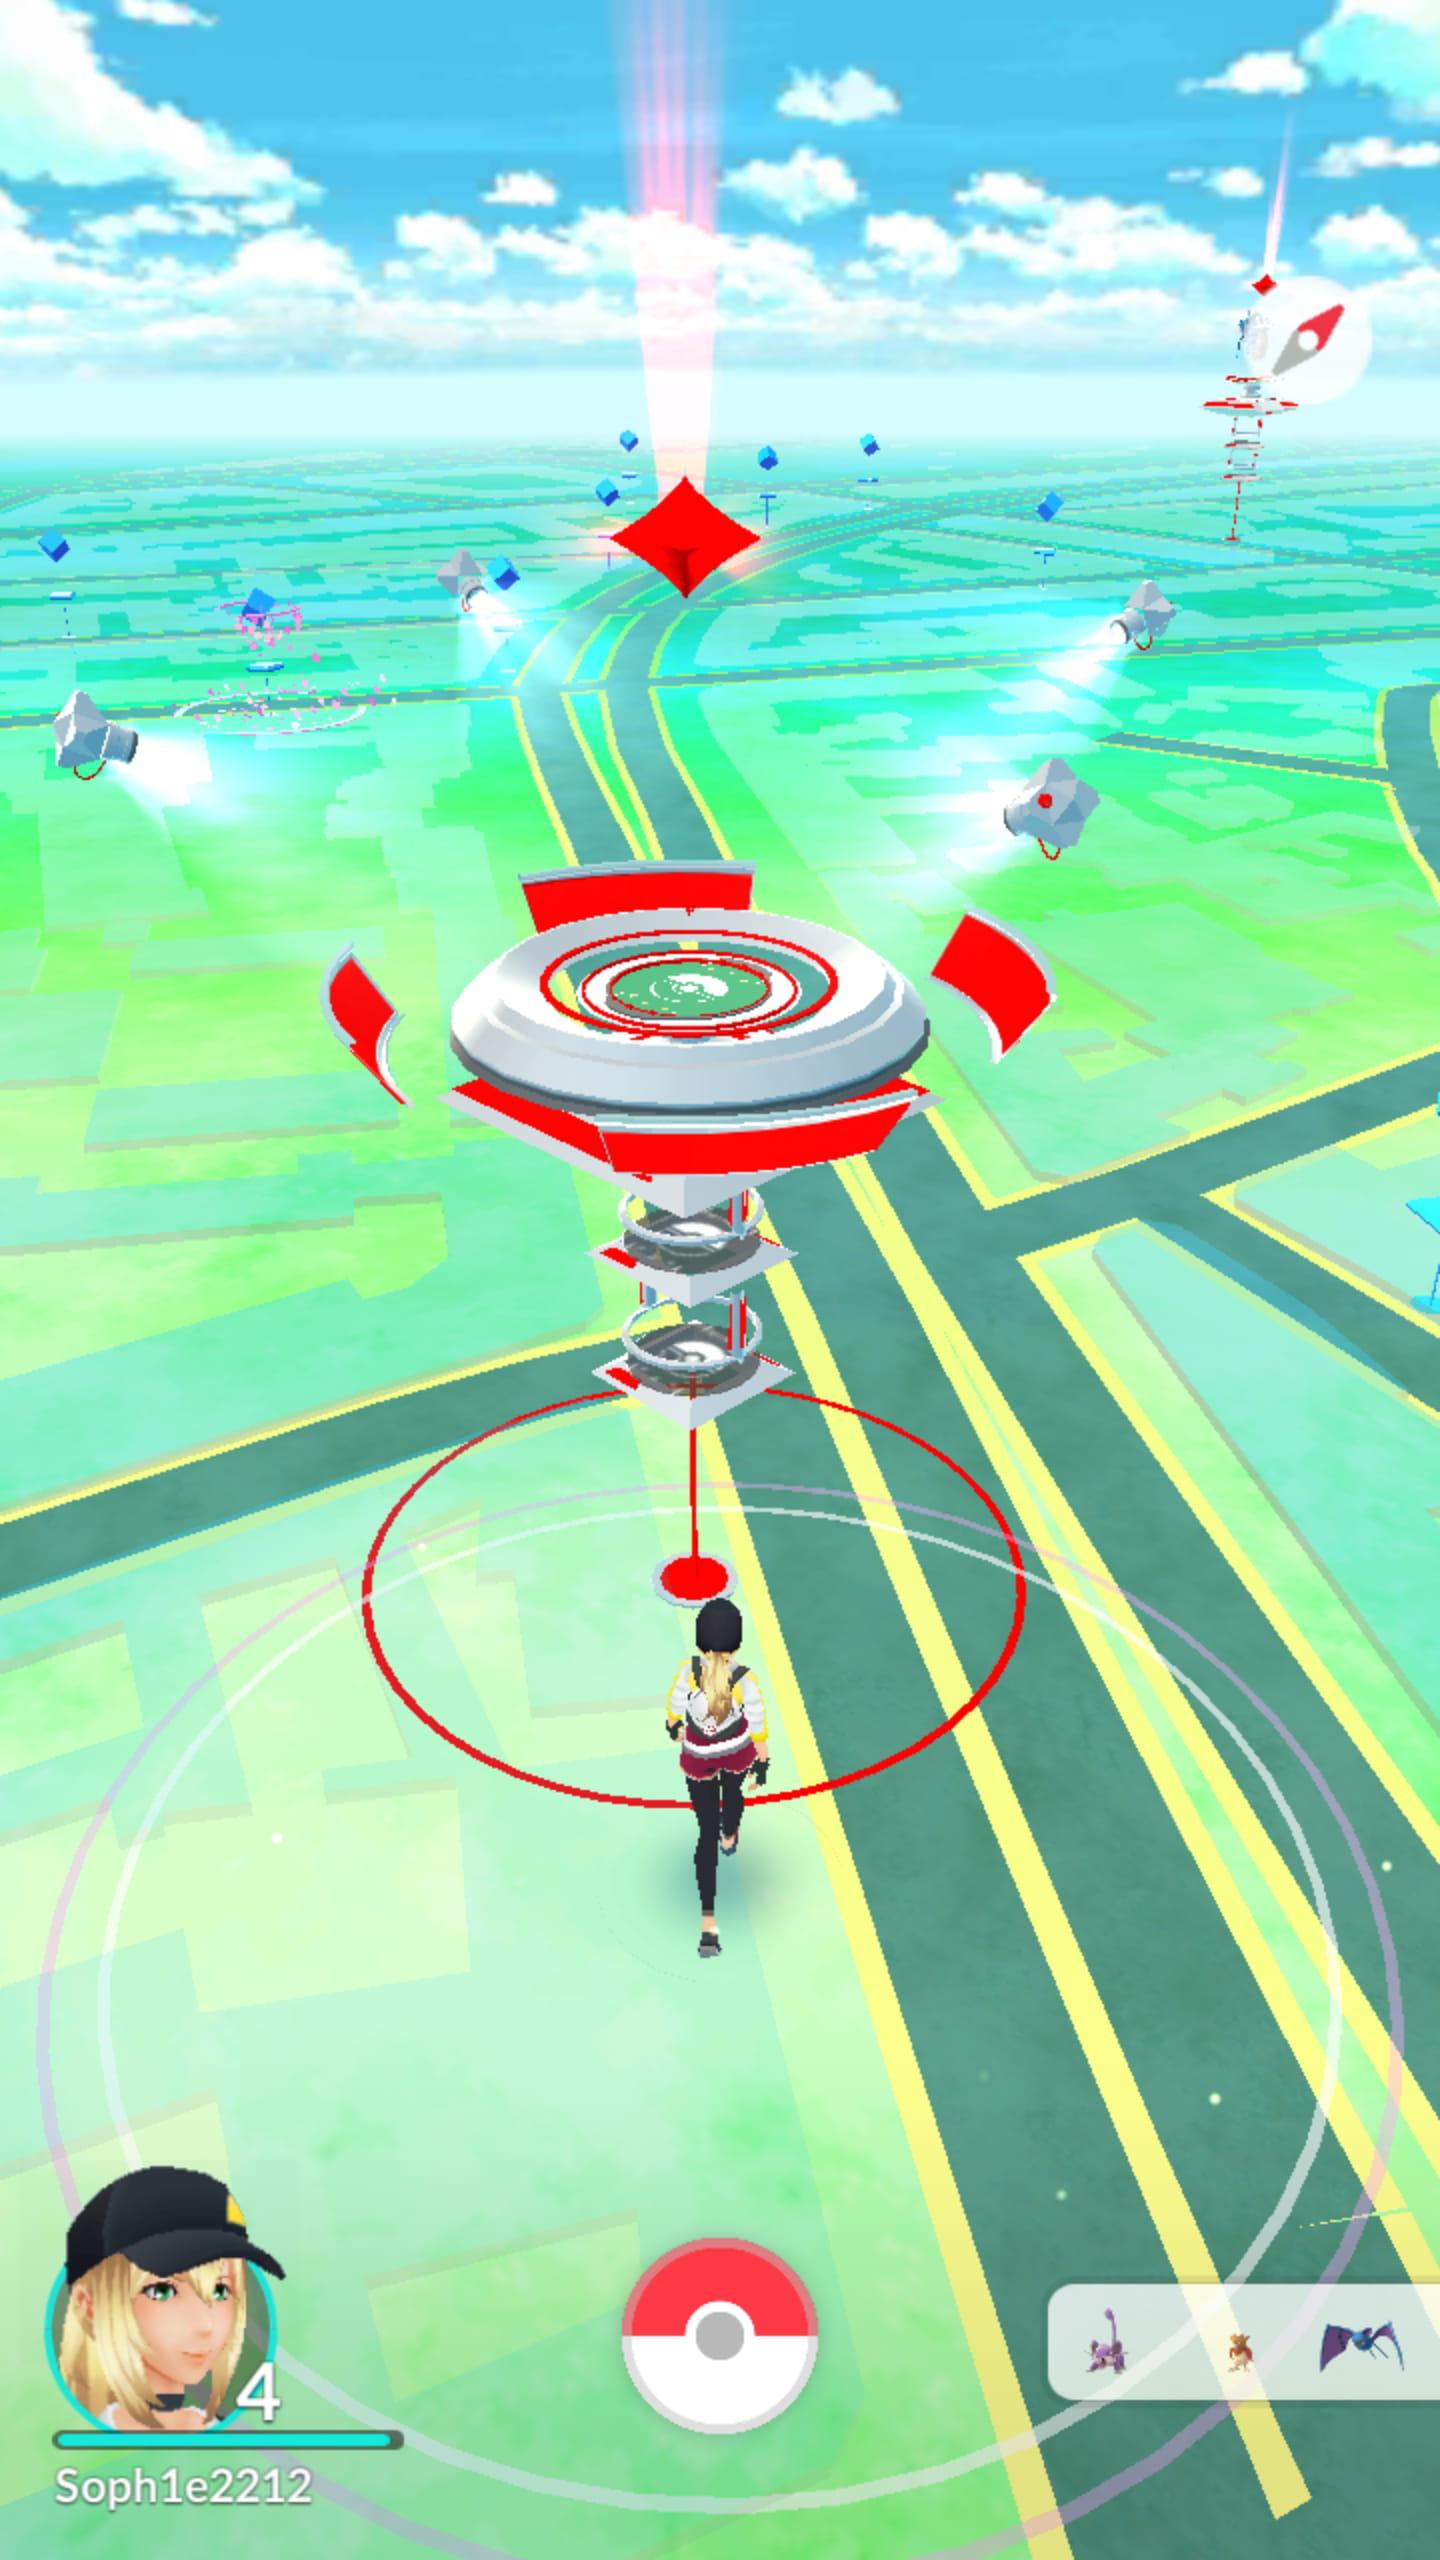 Pok mon go notre guide pour devenir le meilleur dresseur - Sulfura pokemon rouge ...